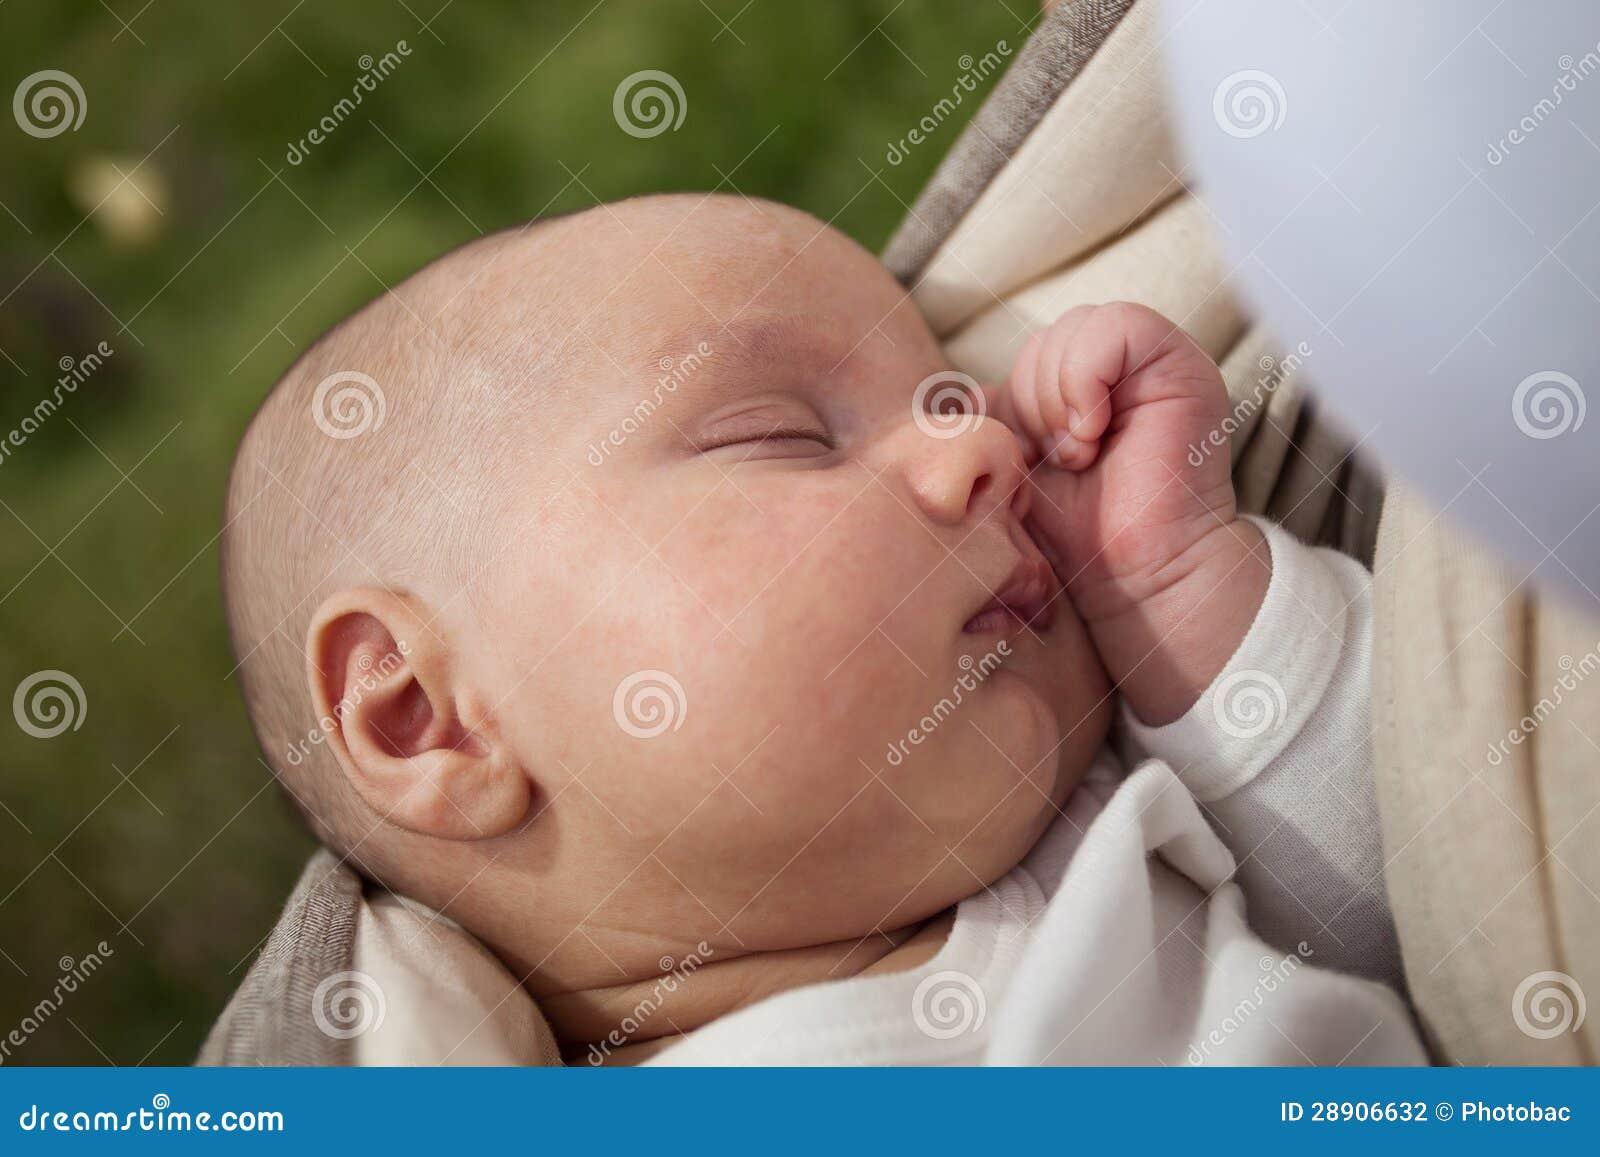 Как раскормить ребенка при беременности